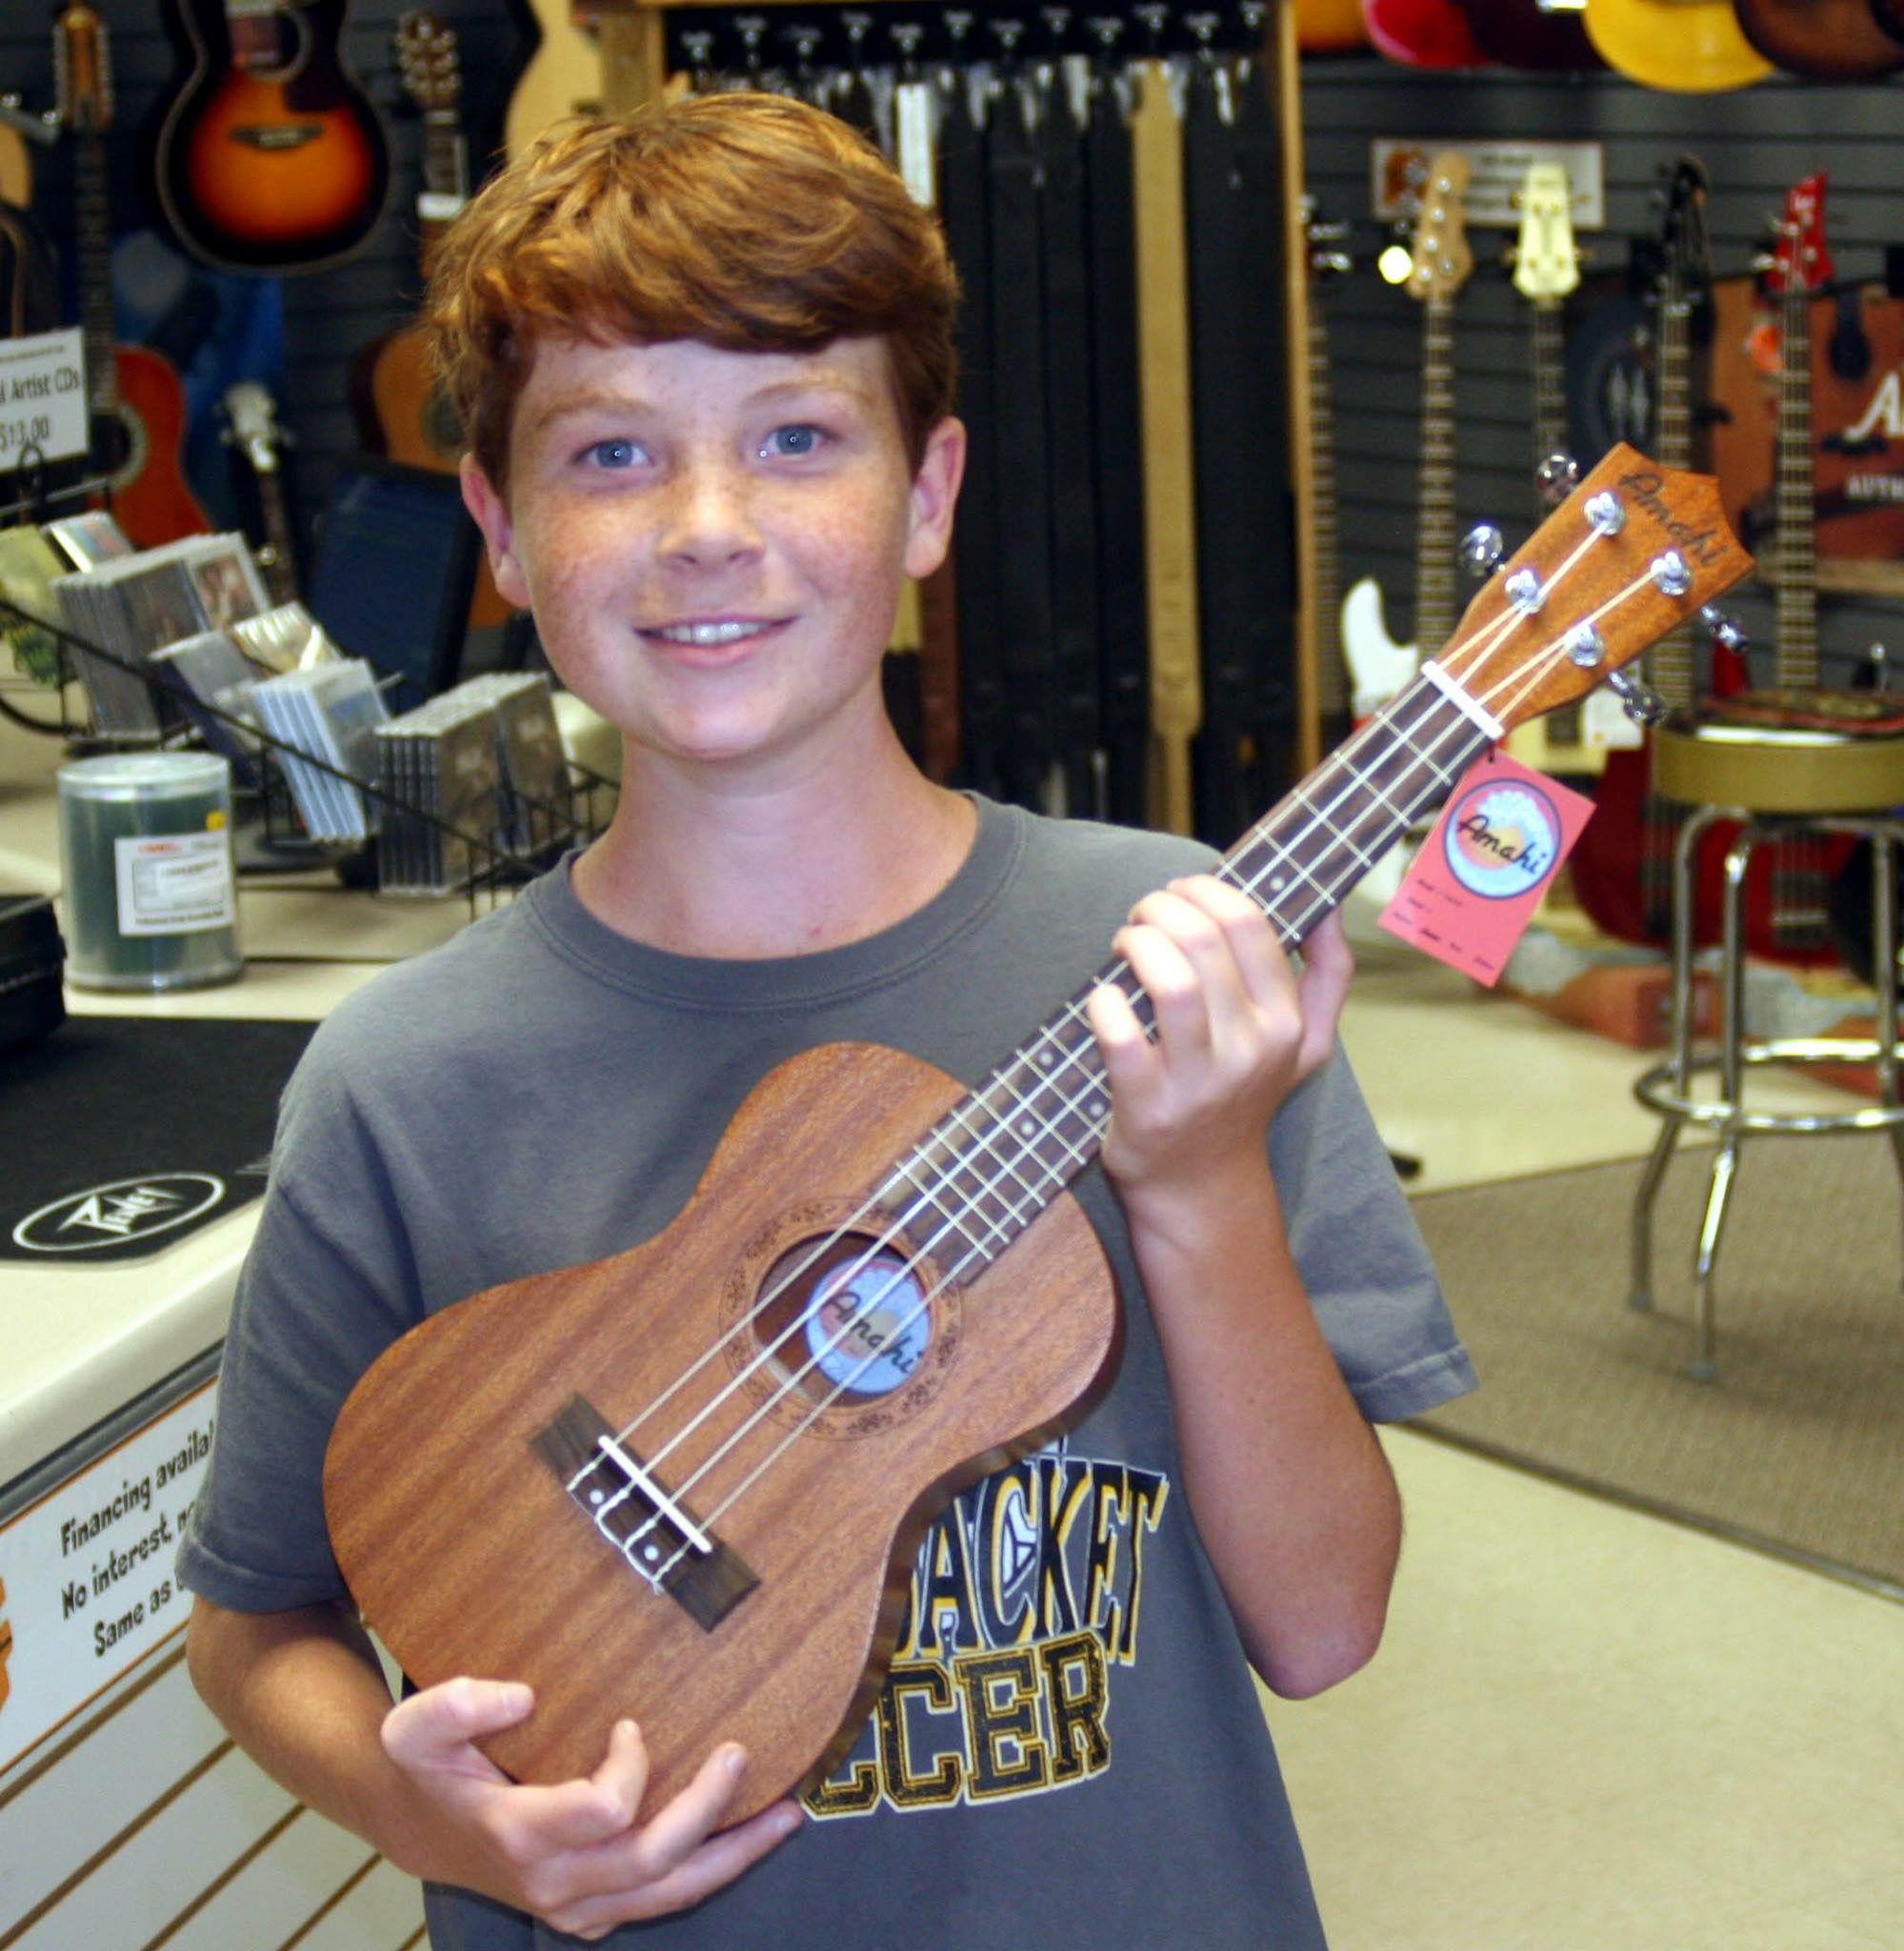 Nothing quite like a new uke to make the day brighter!  #amahi  #ukulele  #starkvillems  #ukeanywhere